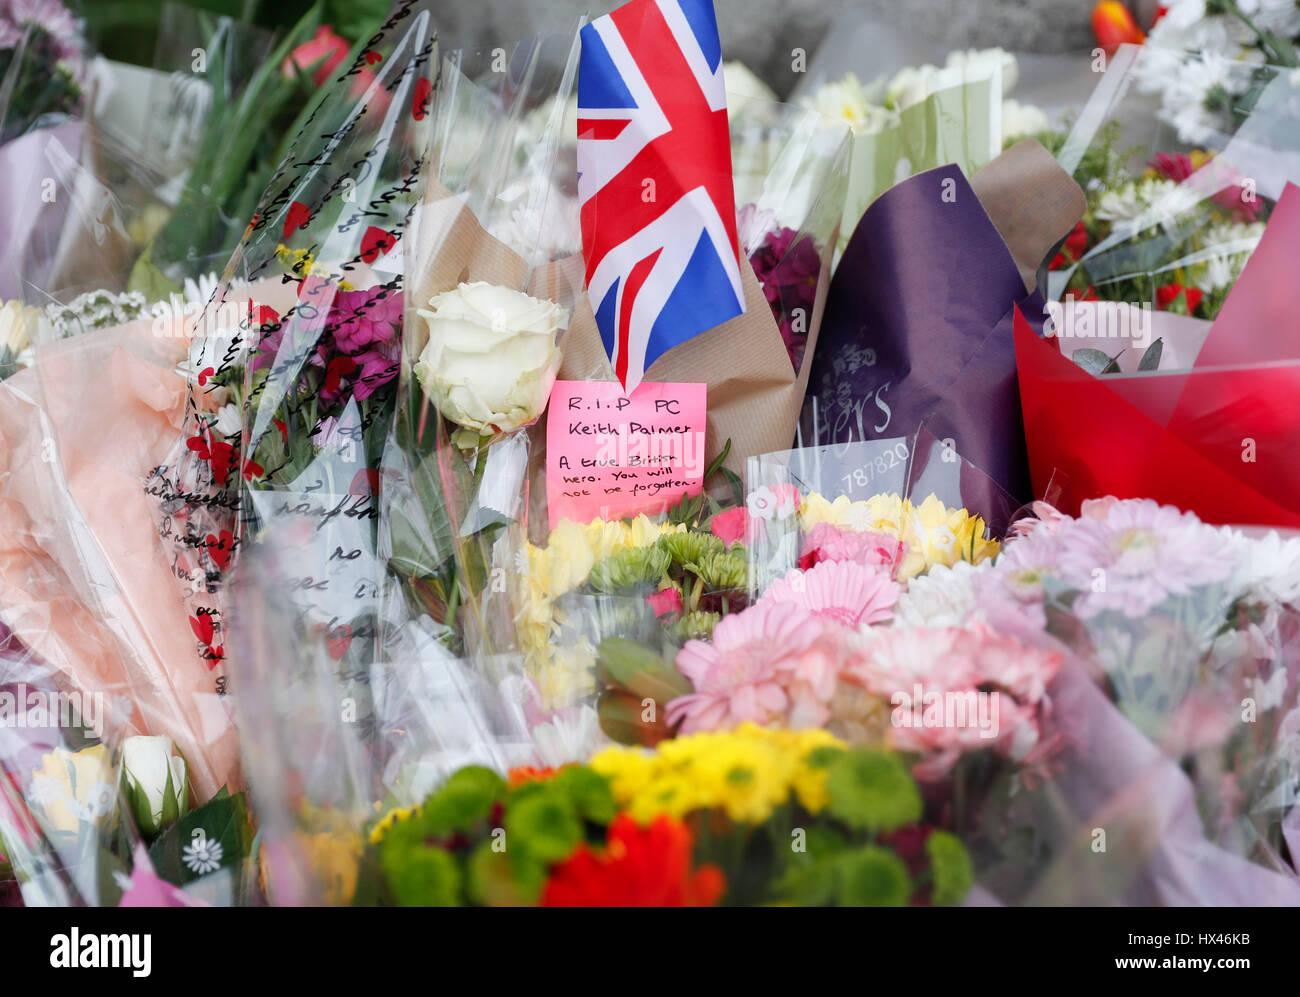 Londres, Reino Unido. 24 de marzo, 2017. Ataque del terror de Westminster en Londres central. Homenajes florales para las víctimas son vistos fuera de las Casas del Parlamento, dos días después del ataque terrorista del 22 de marzo de Westminster en Londres, Gran Bretaña el 24 de marzo de 2017. Crédito: Yan Han/Xinhua/Alamy Live News Foto de stock